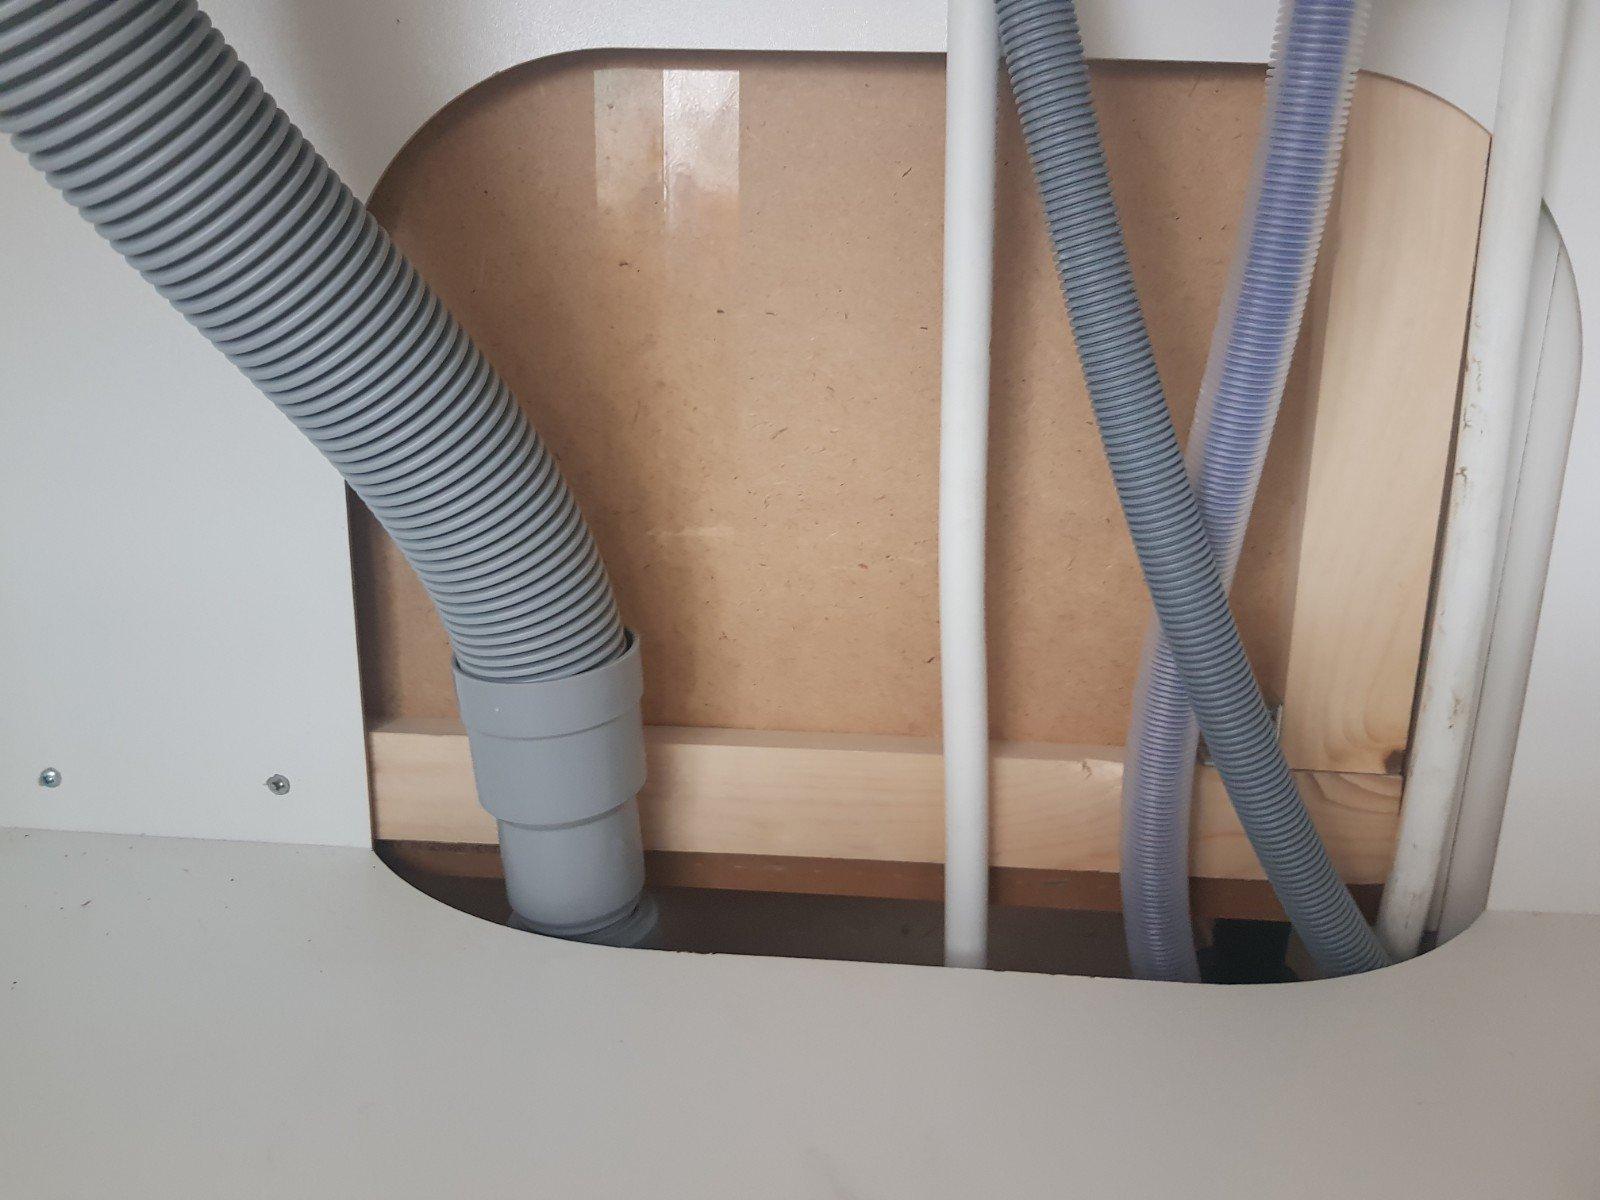 Keuken Ikea Beige : Afvoer ontstoppen keuken ikea werkspot